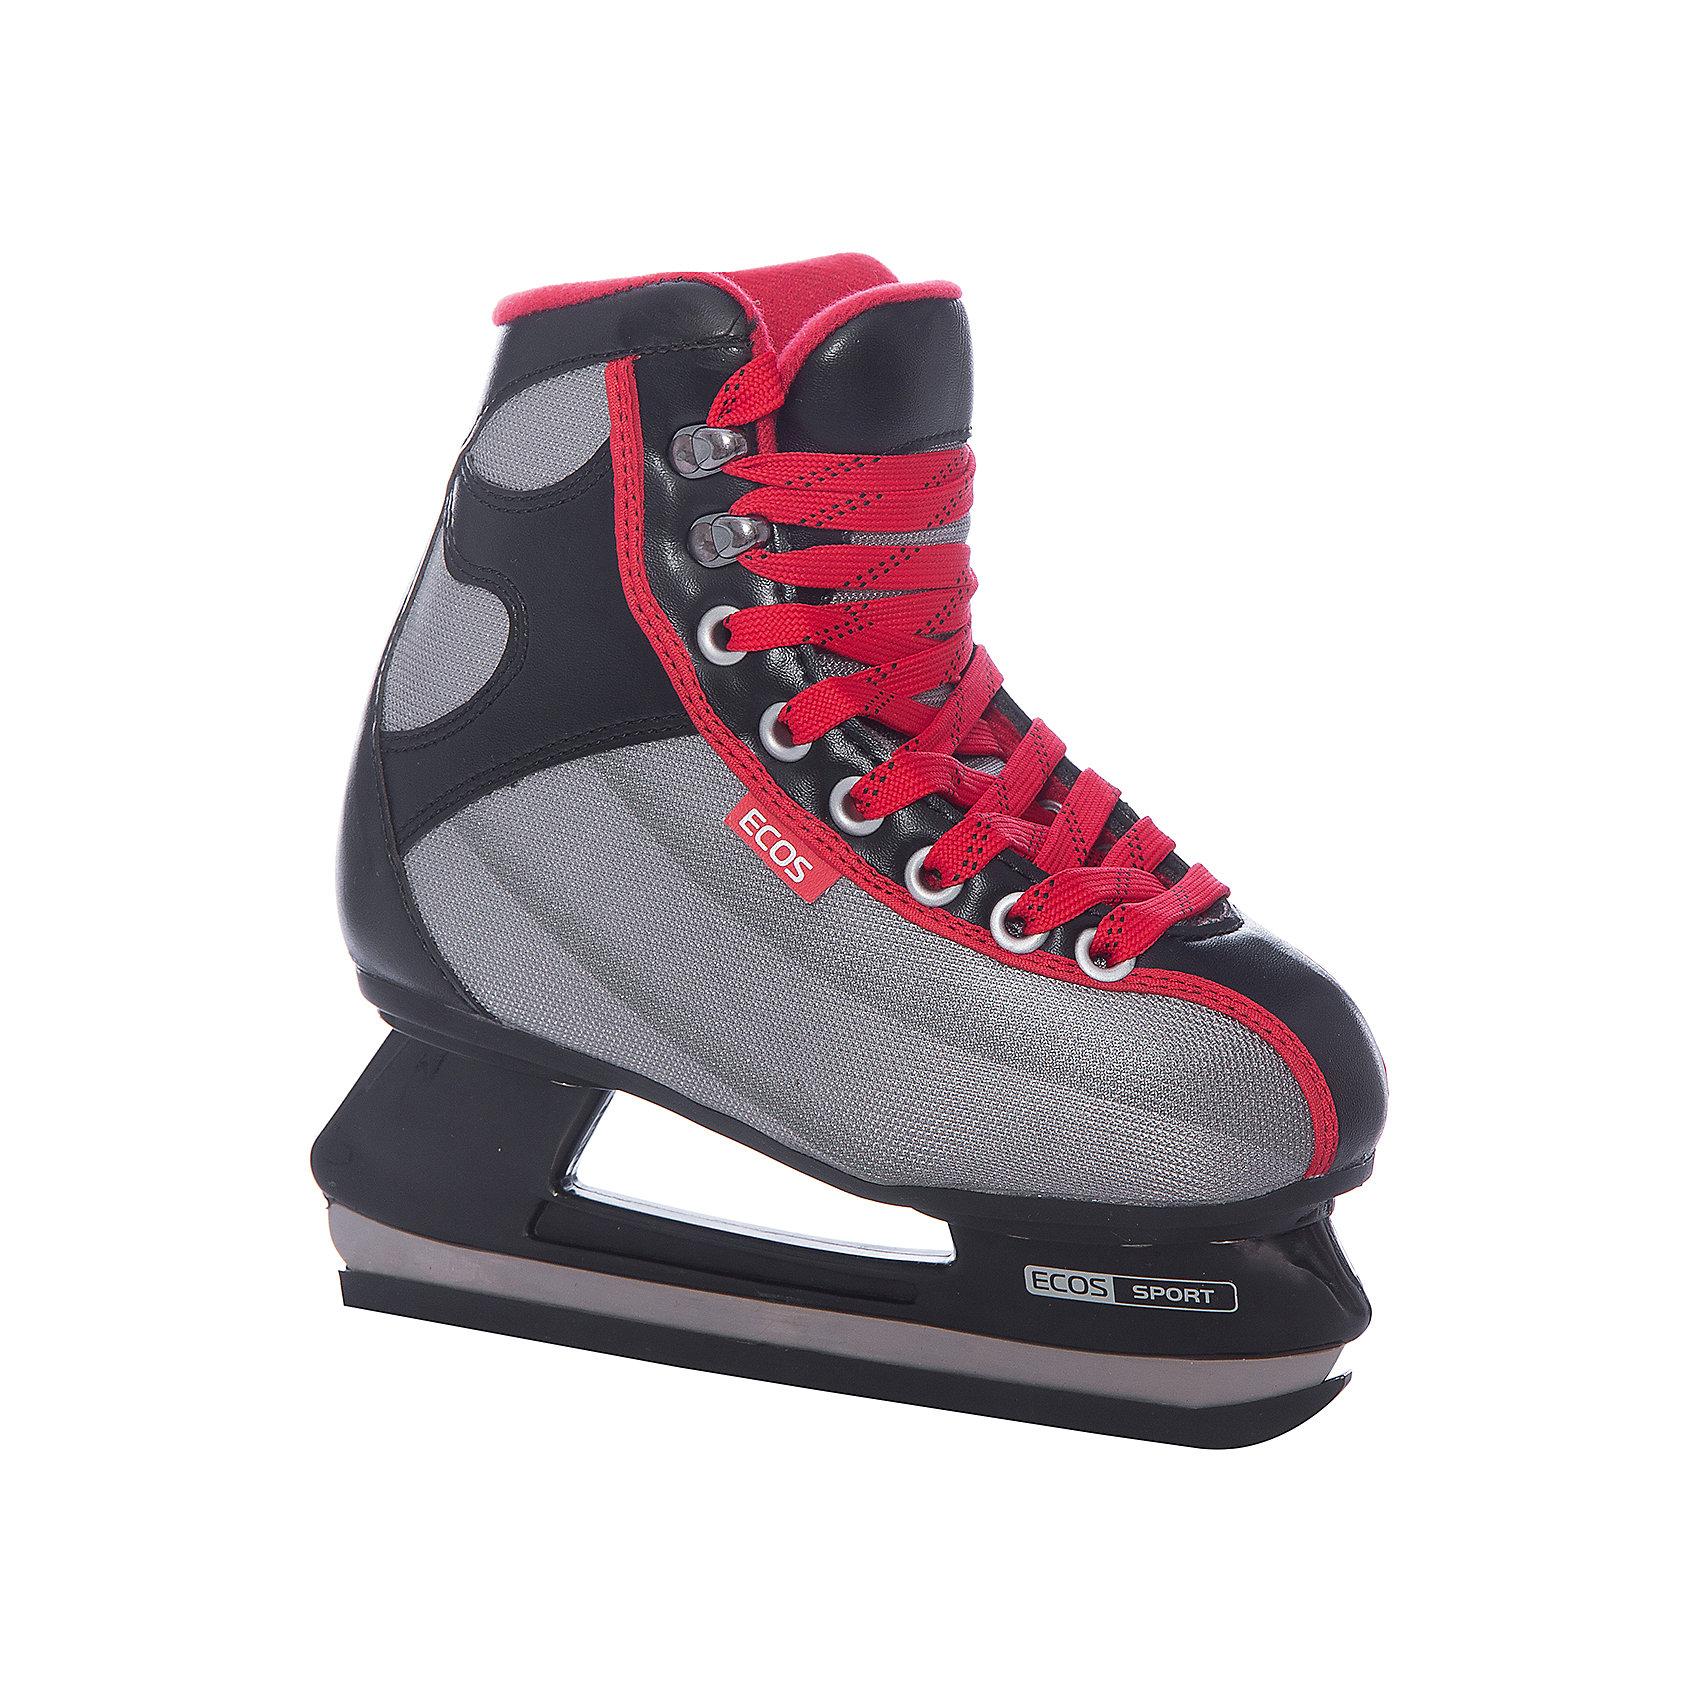 Хоккейные коньки, EcosУдобные детские хоккейные коньки S1-HQ9, Ecos идеально подходят для комфортного и безопасного катания Вашего ребенка. Коньки выполнены в серо-черной расцветке, современные технологичные материалы и анатомический ботинок обеспечивают максимум комфорта при катании. Высокий сапожок обеспечивает лучшую поддержку ноги и надежно предохраняет от травм. <br><br>Ботинок выполнен из морозоустойчивого материала, лезвие из нержавеющей стали. Для внутренней отделки использован капровелюр, для язычка - мягкая ворсистая основа.<br>Стельки коньков сделаны из вспененного материала, который поглощает вибрацию во время катания, застежка-шнуровка. <br><br>Дополнительная информация:<br><br>- Крепление лезвия: полипропилен. <br><br>Хоккейные коньки, Ecos можно купить в нашем интернет-магазине.<br><br>Ширина мм: 320<br>Глубина мм: 420<br>Высота мм: 110<br>Вес г: 2101<br>Цвет: черный/розовый<br>Возраст от месяцев: 120<br>Возраст до месяцев: 132<br>Пол: Мужской<br>Возраст: Детский<br>Размер: 34,36,38,40,42<br>SKU: 3756289